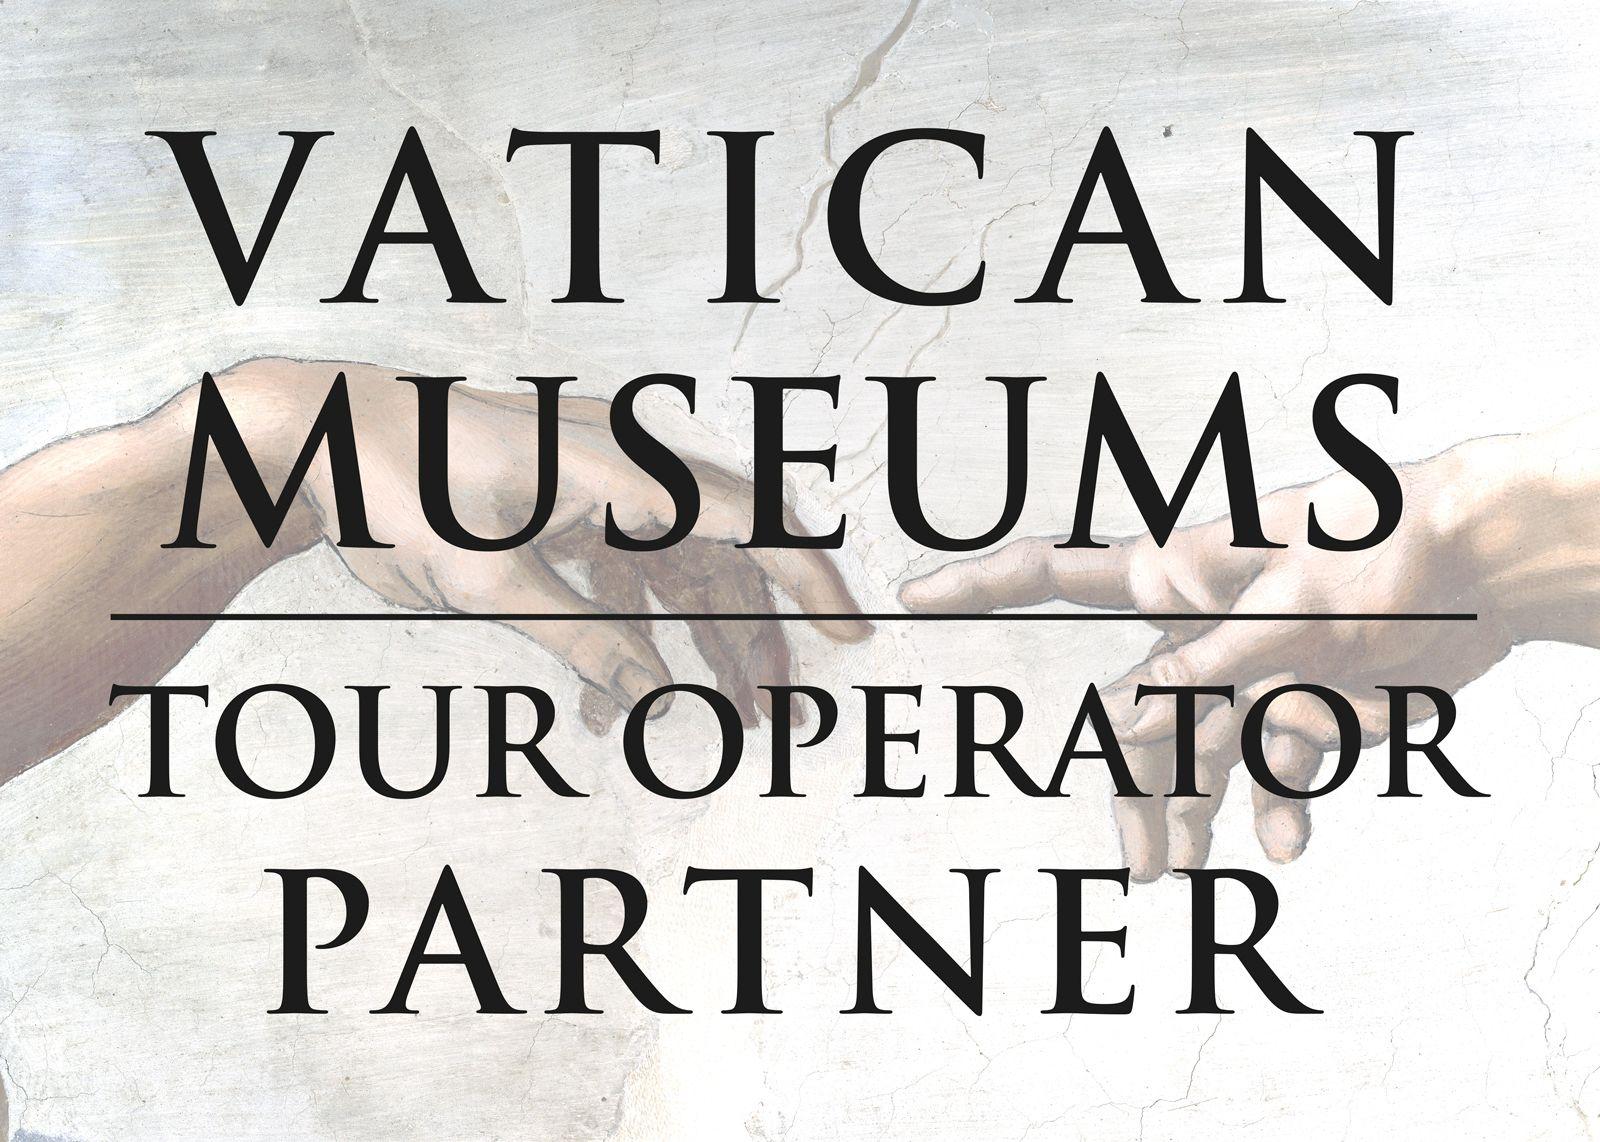 Vat-partner-creation-logo.jpg